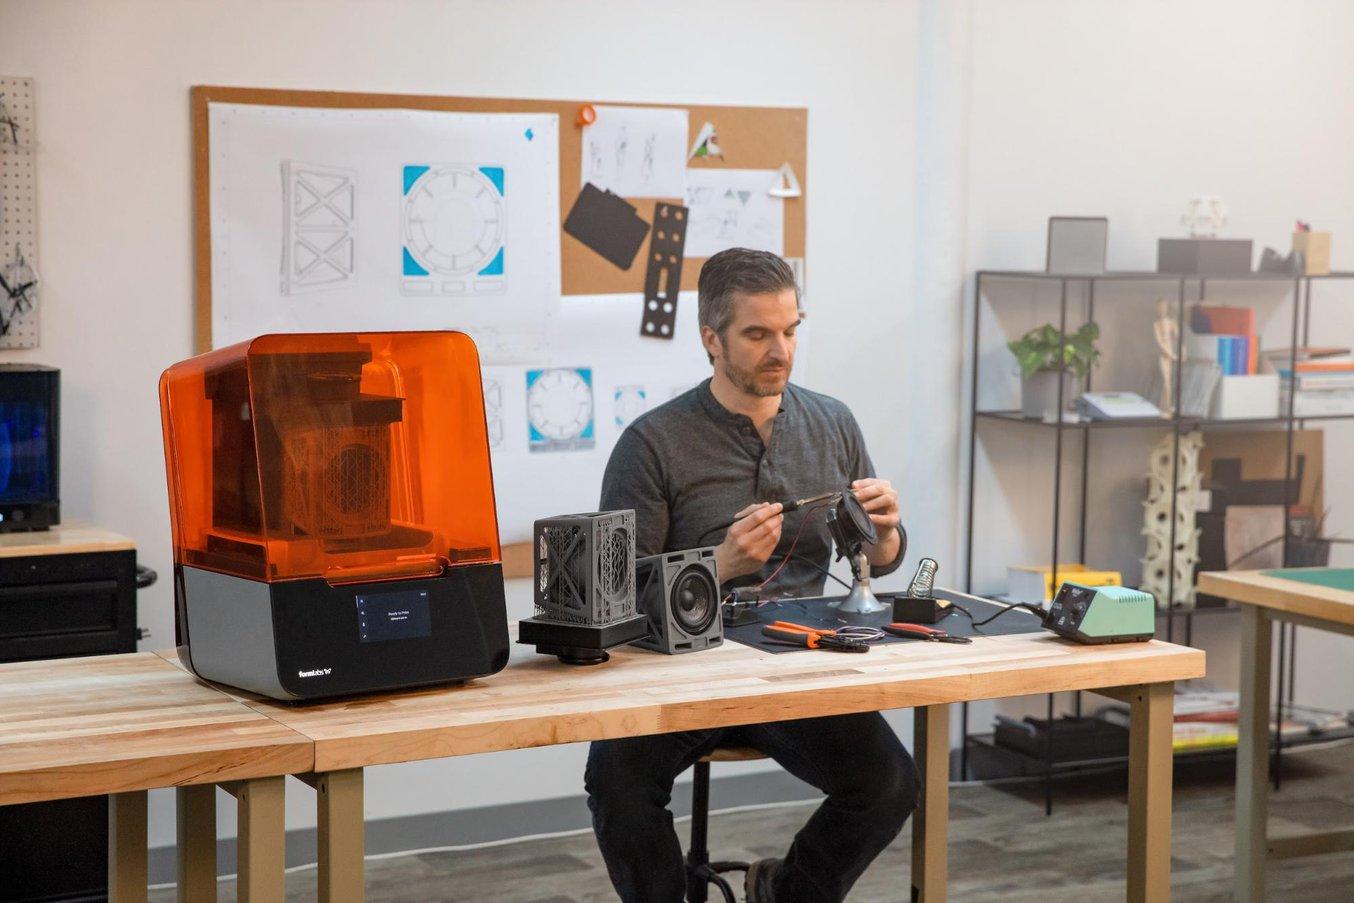 Cómo mantener la productividad con la impresión 3D durante las interrupciones de trabajo